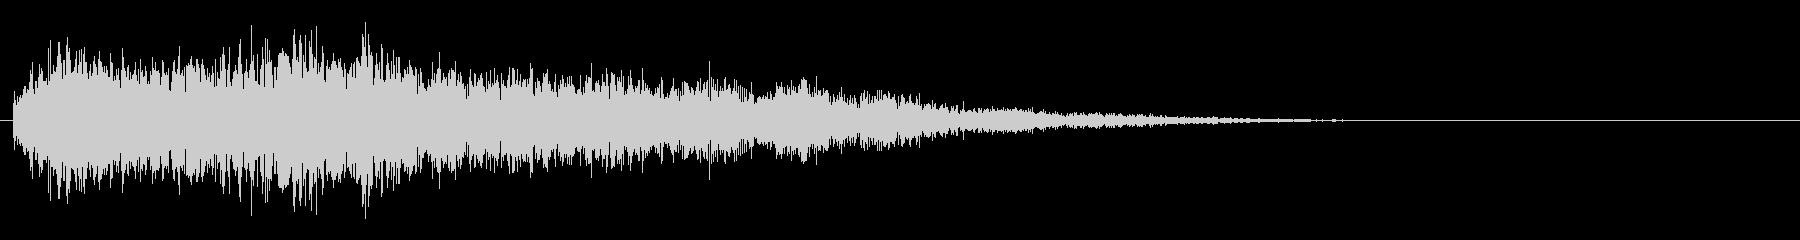 サスペンスピアノ音_18-1の未再生の波形